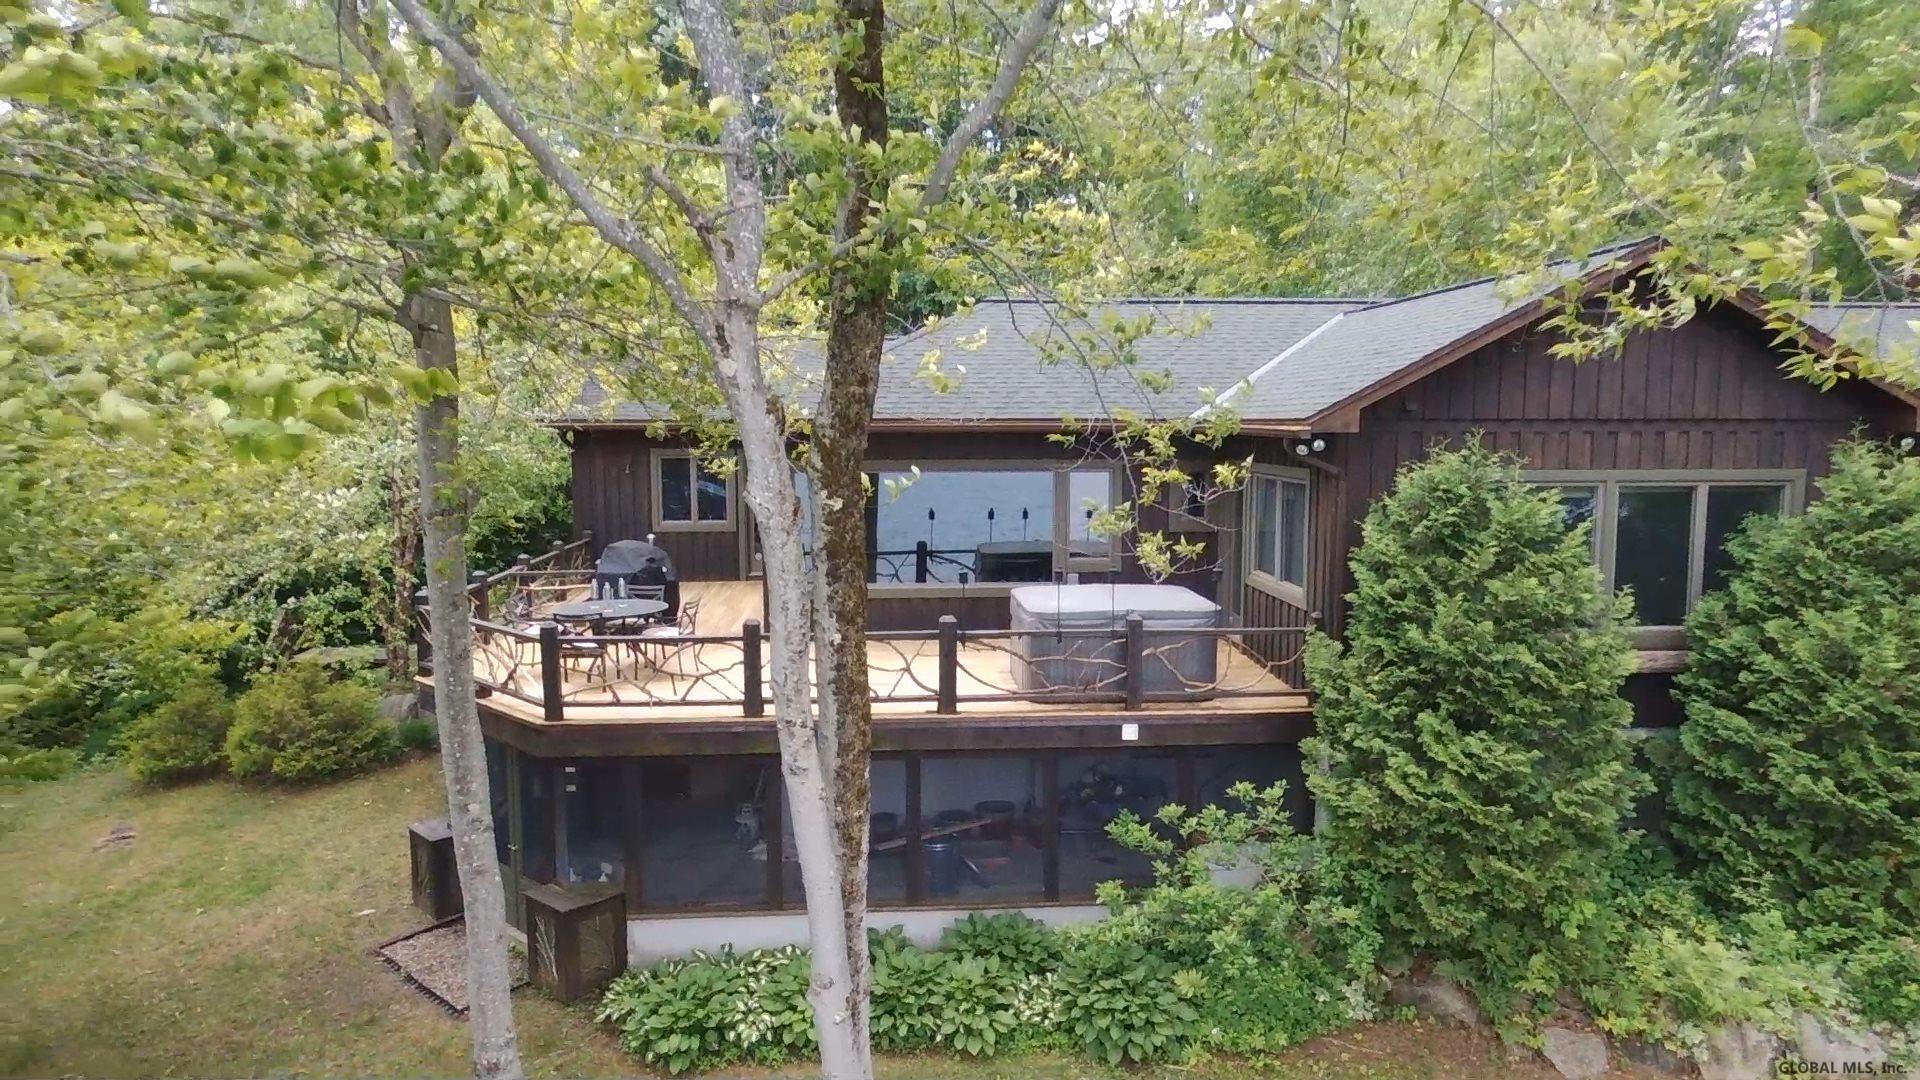 Gloversville image 21